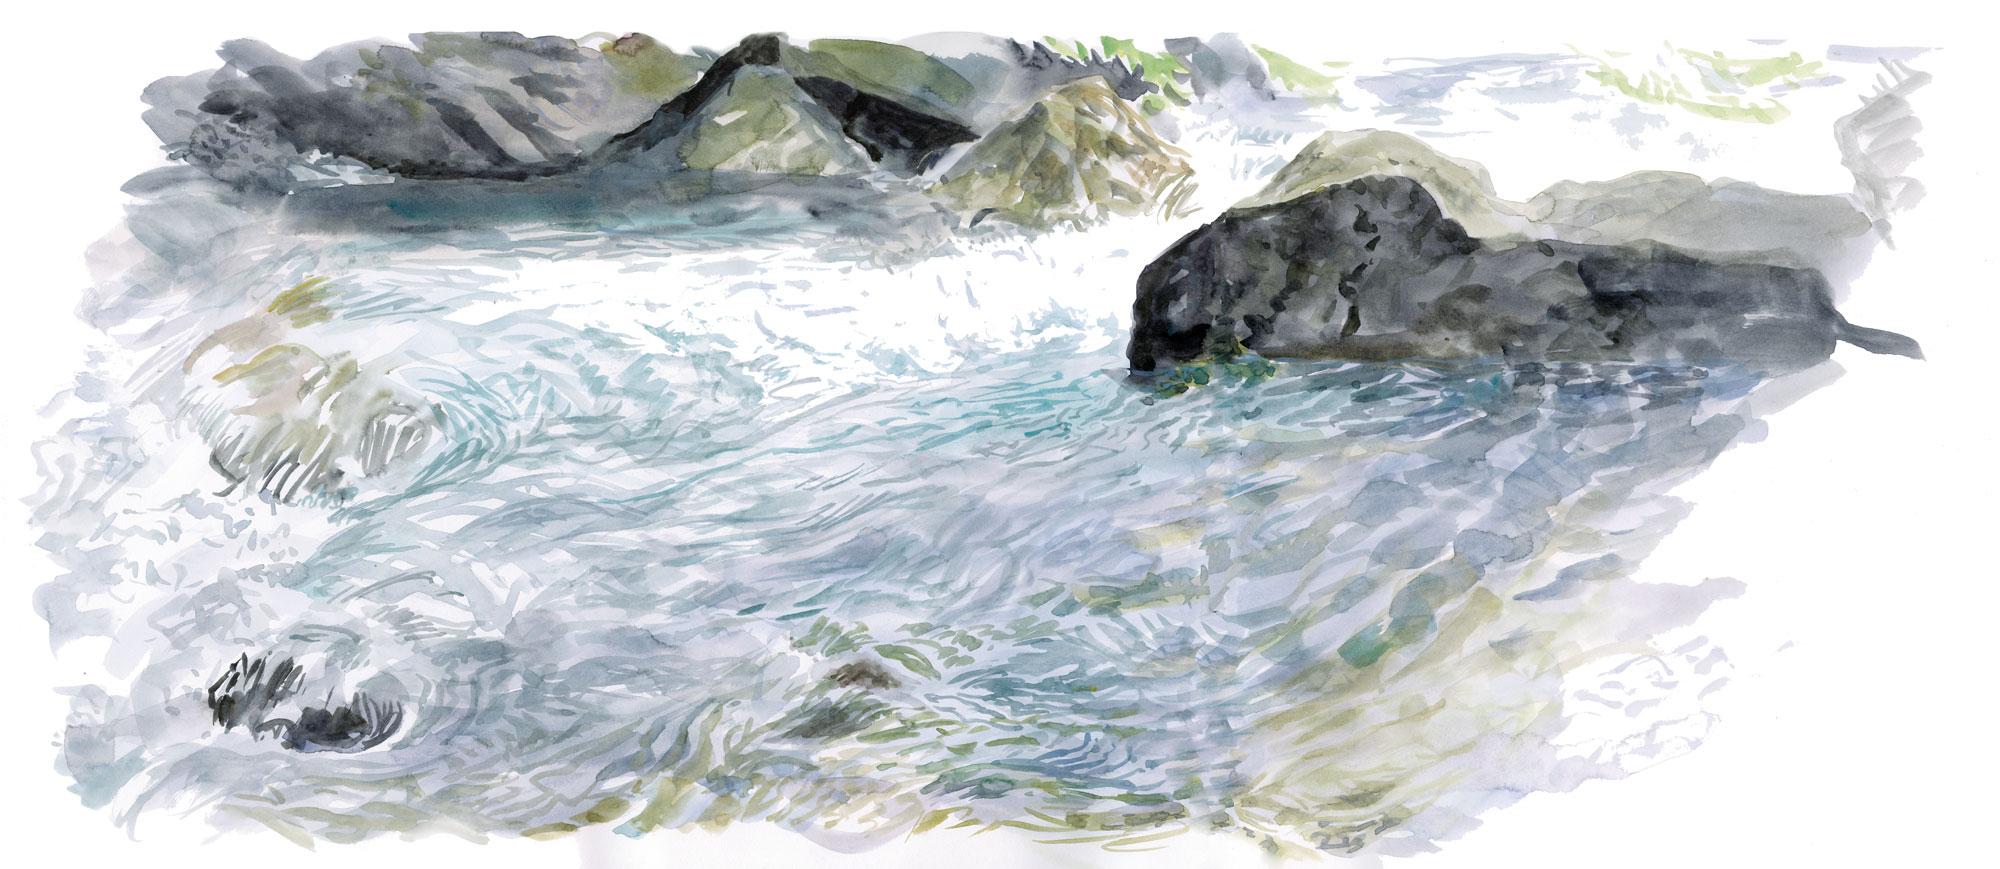 Sorita et Claverina, deux ours pour repeupler les Pyrénées